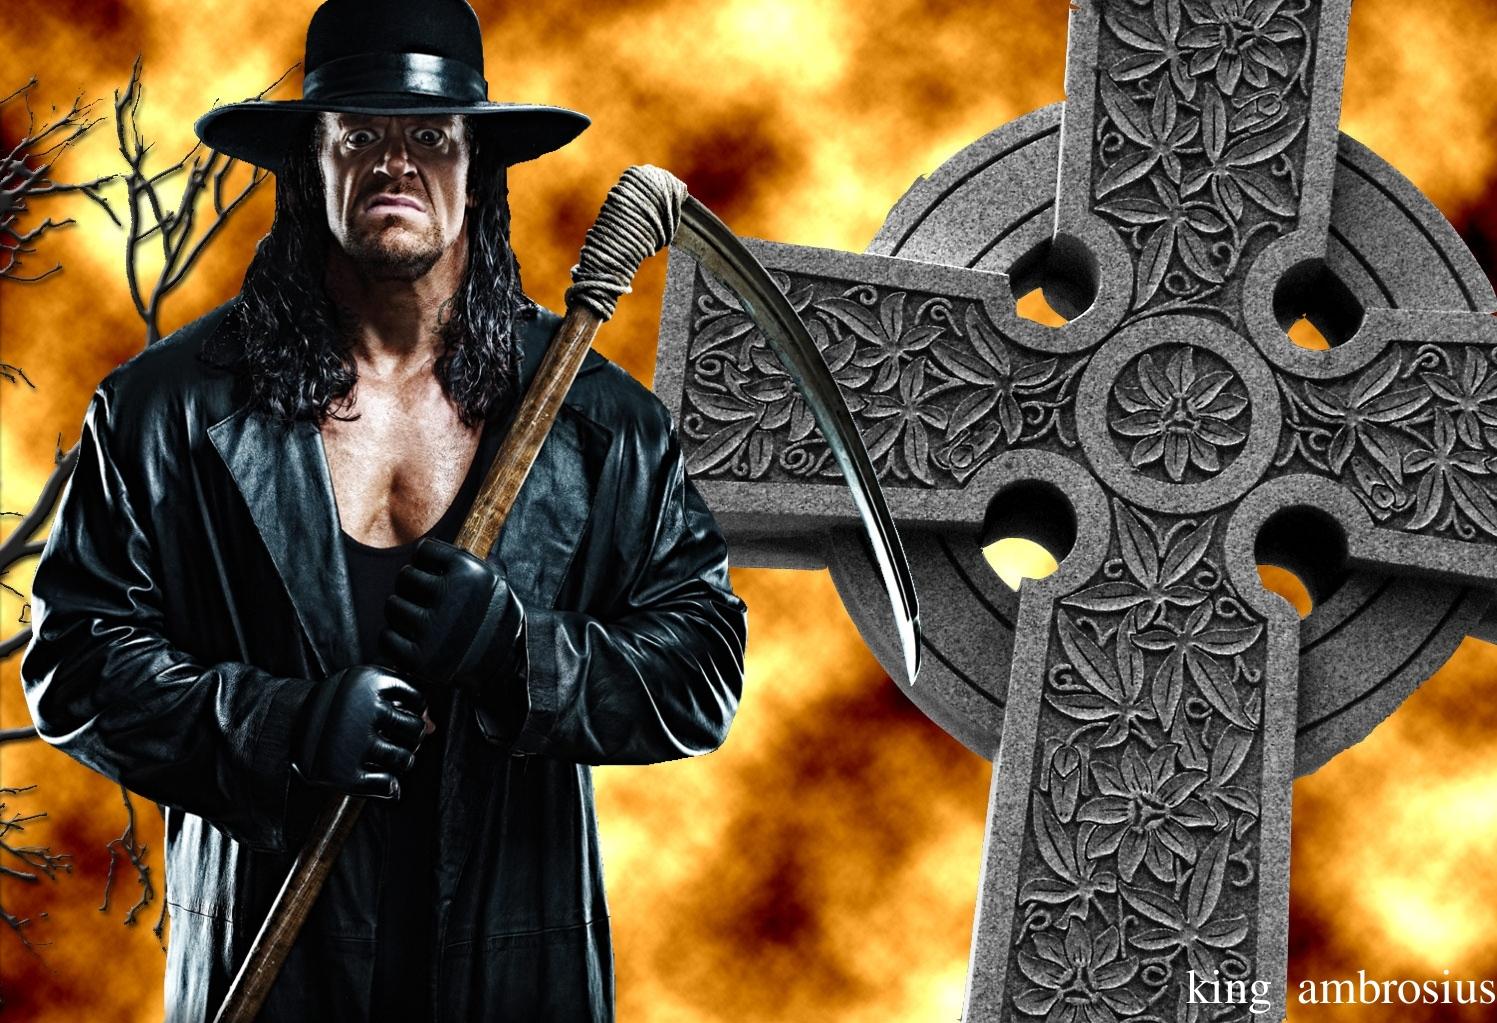 http://3.bp.blogspot.com/-gbcwUaRusu8/T2GfygKjhCI/AAAAAAAABUg/x3FEHFuHrzk/s1600/Undertaker-wallpaper-05+2012.jpg